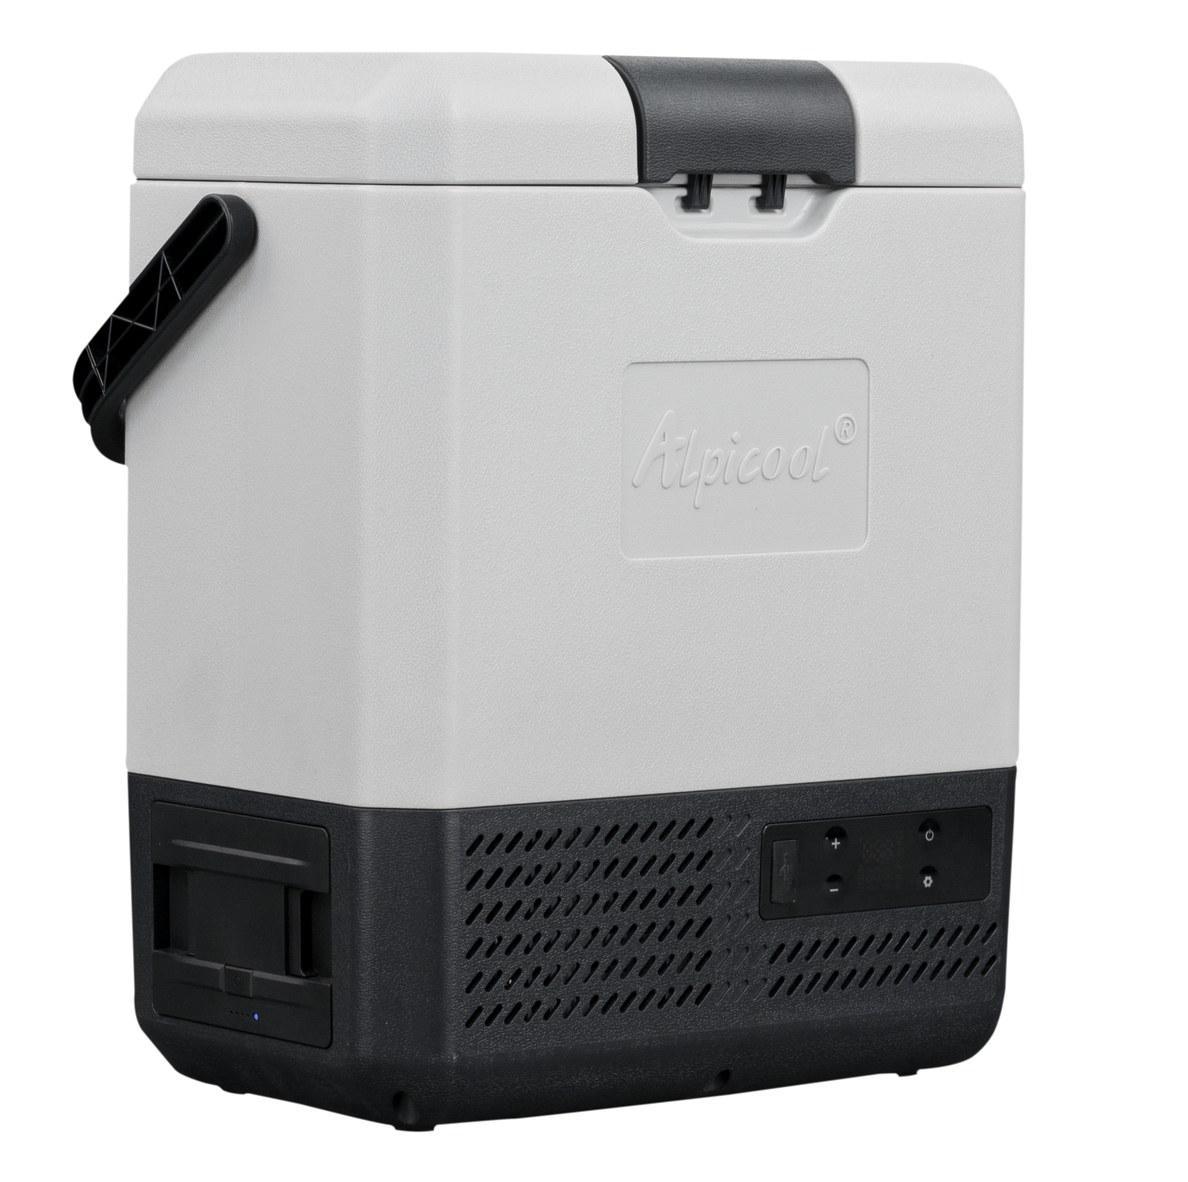 Компрессорный автохолодильник Alpicool EP8 (8 литров). До -20 ℃, питание 12, 24, 220 вольт, встроенная батарея